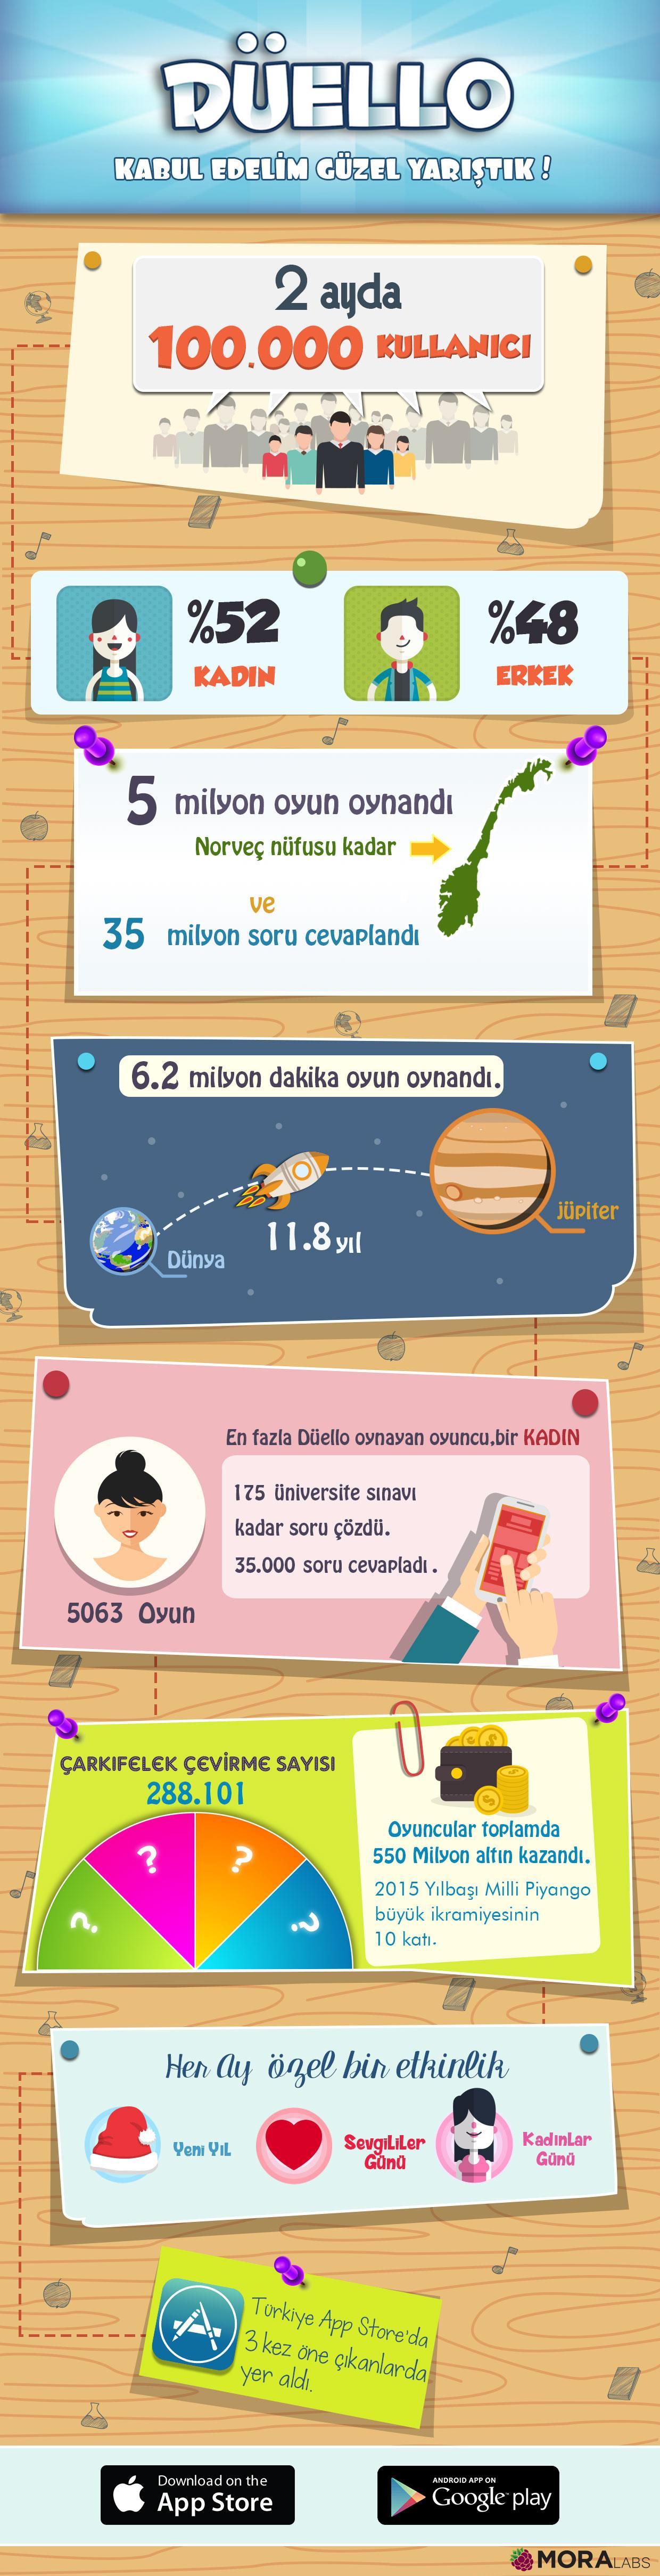 Moralabs'in yayınladığı Düello için eğlenceli bir infografik